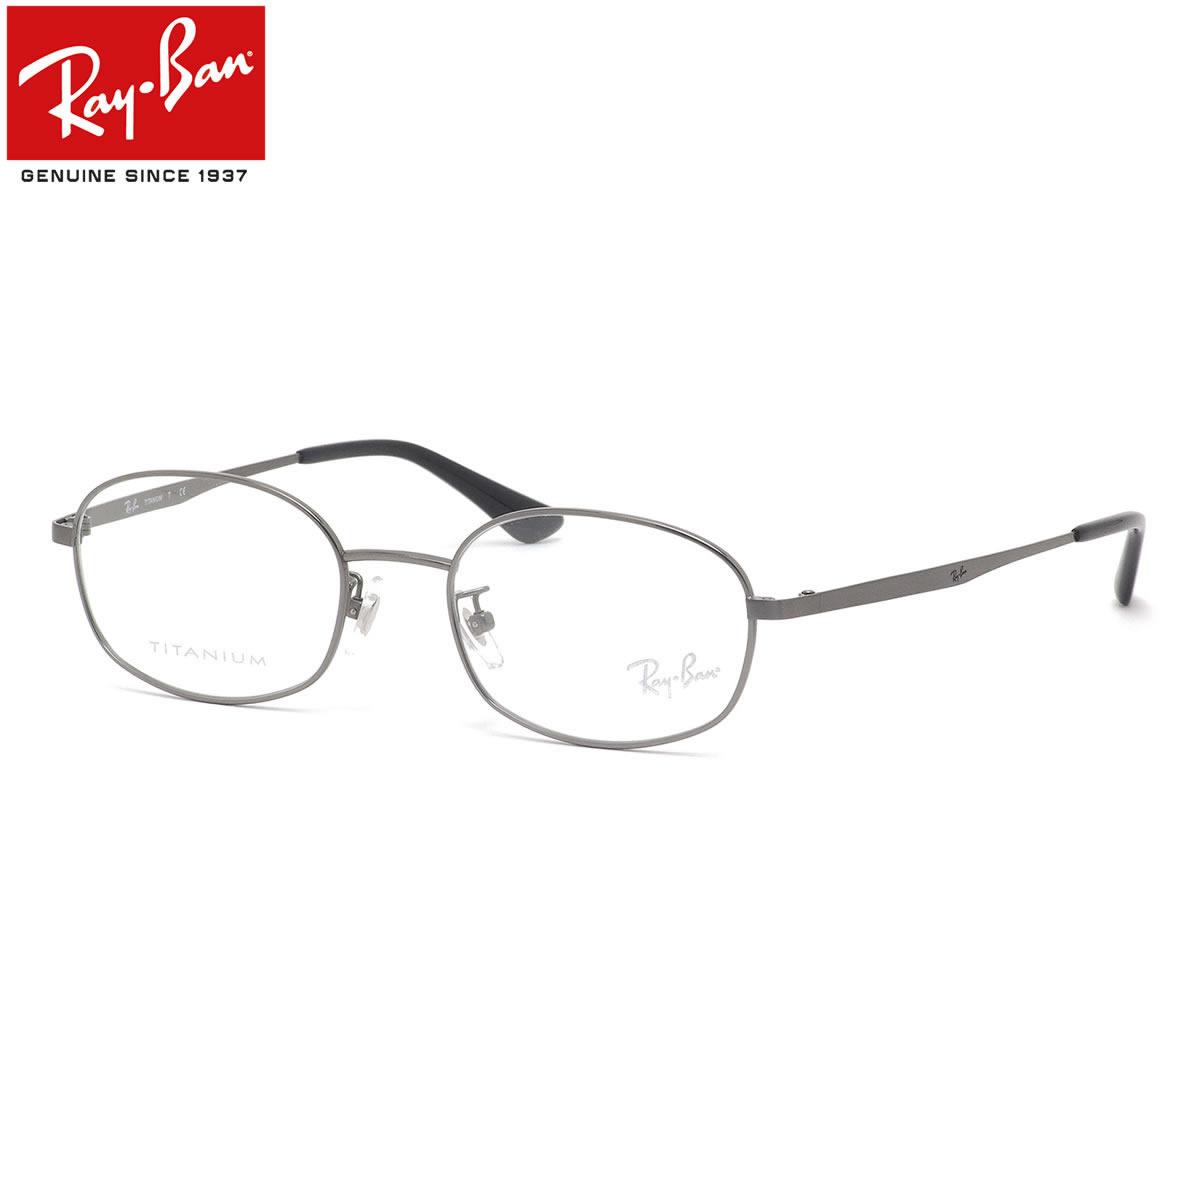 Ray-Ban レイバン メガネ RX8762D 1000 51サイズ ビジネス チタニウム メンズ レディース